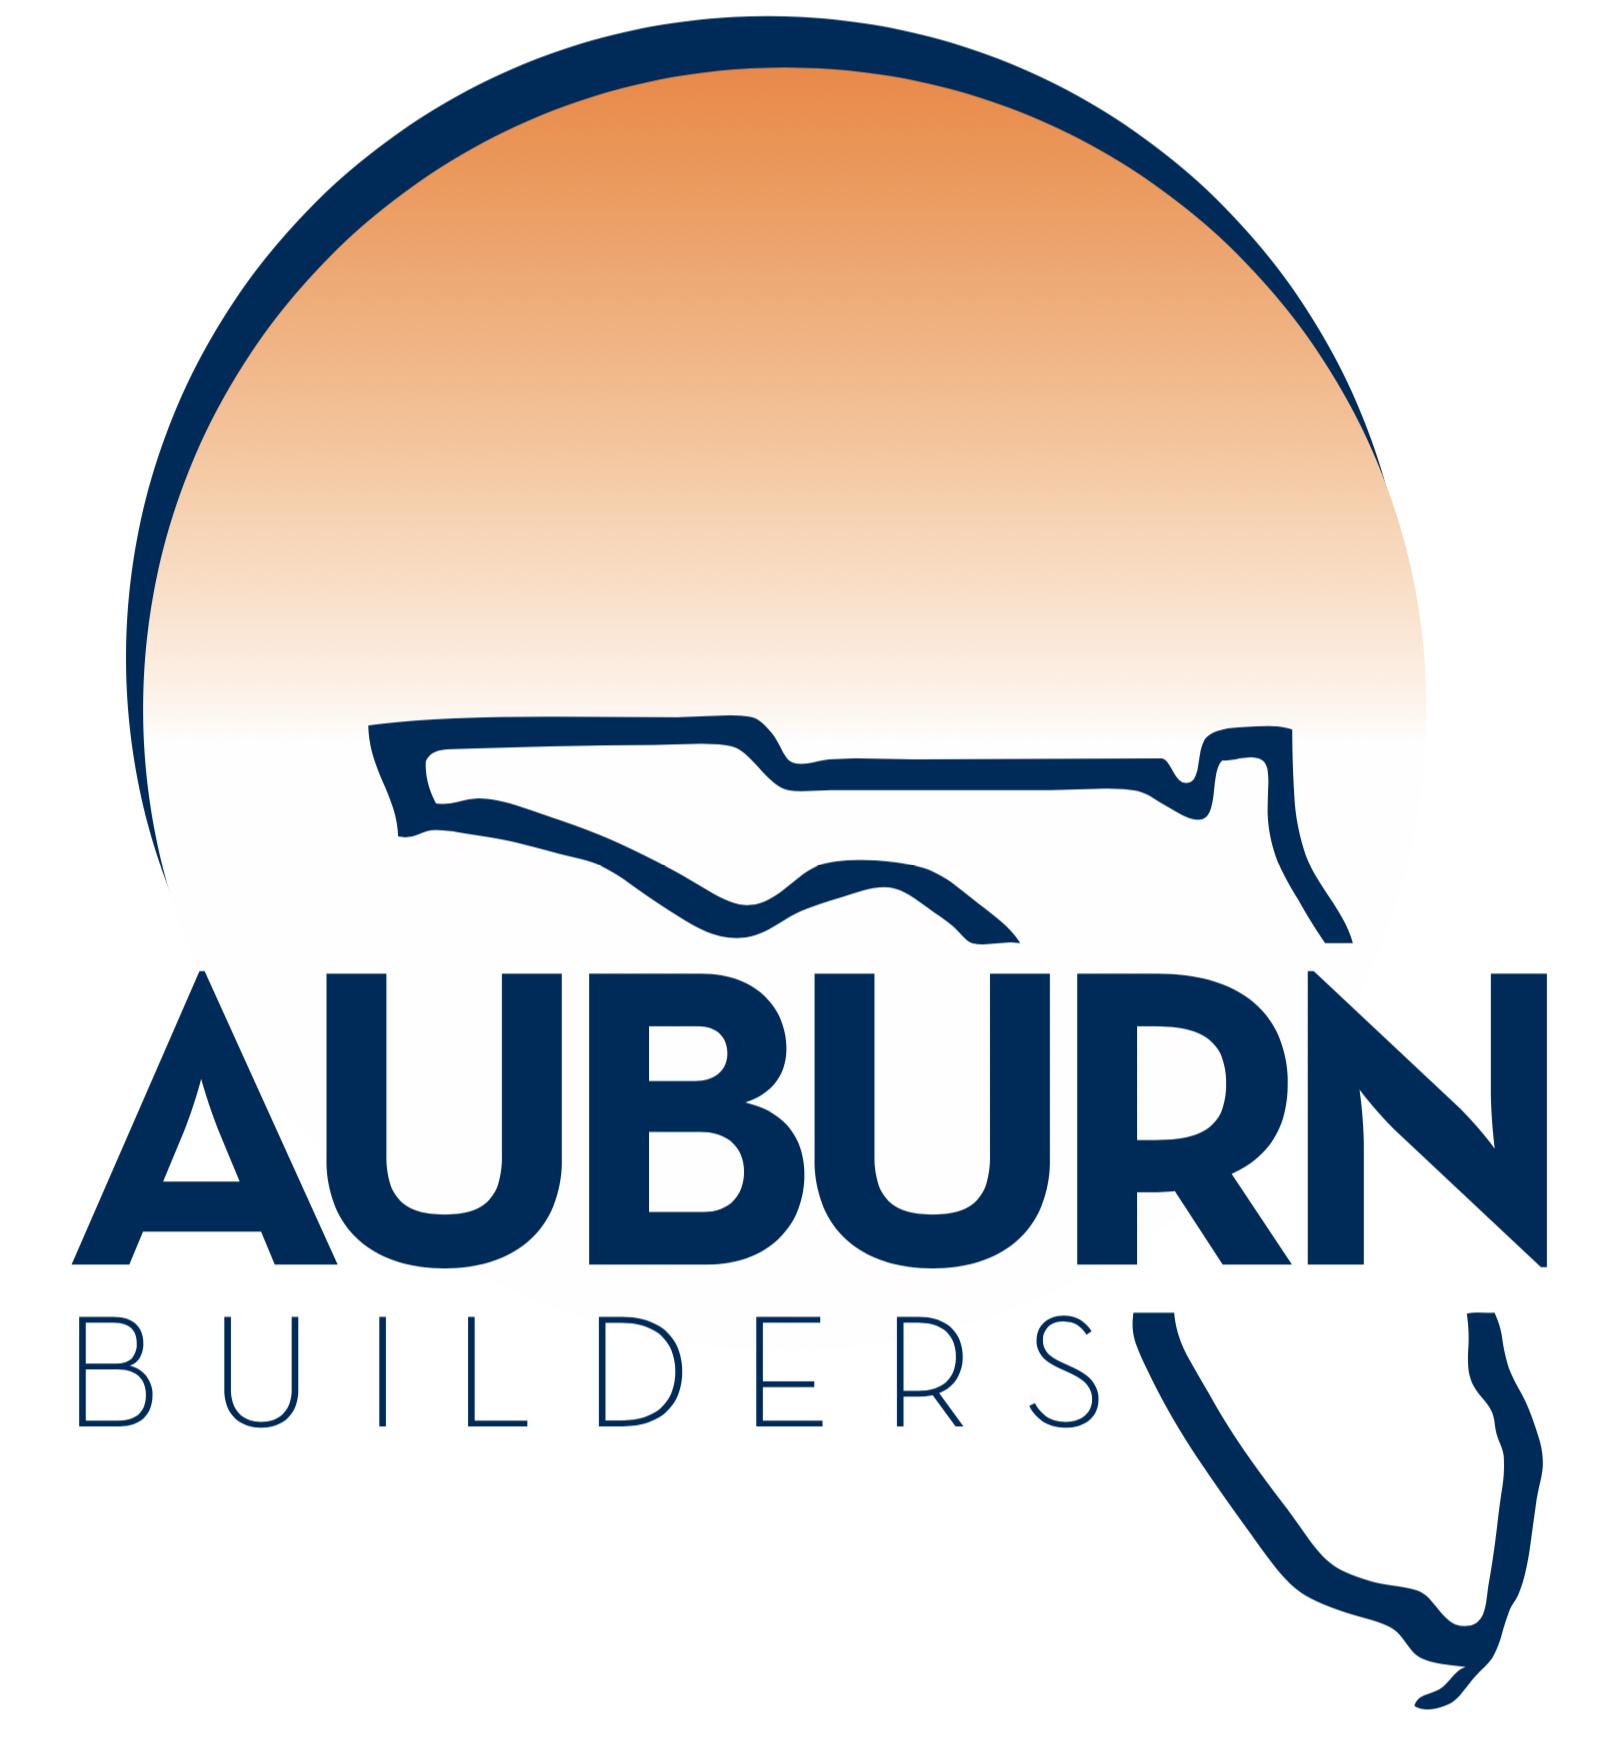 Auburn Builders